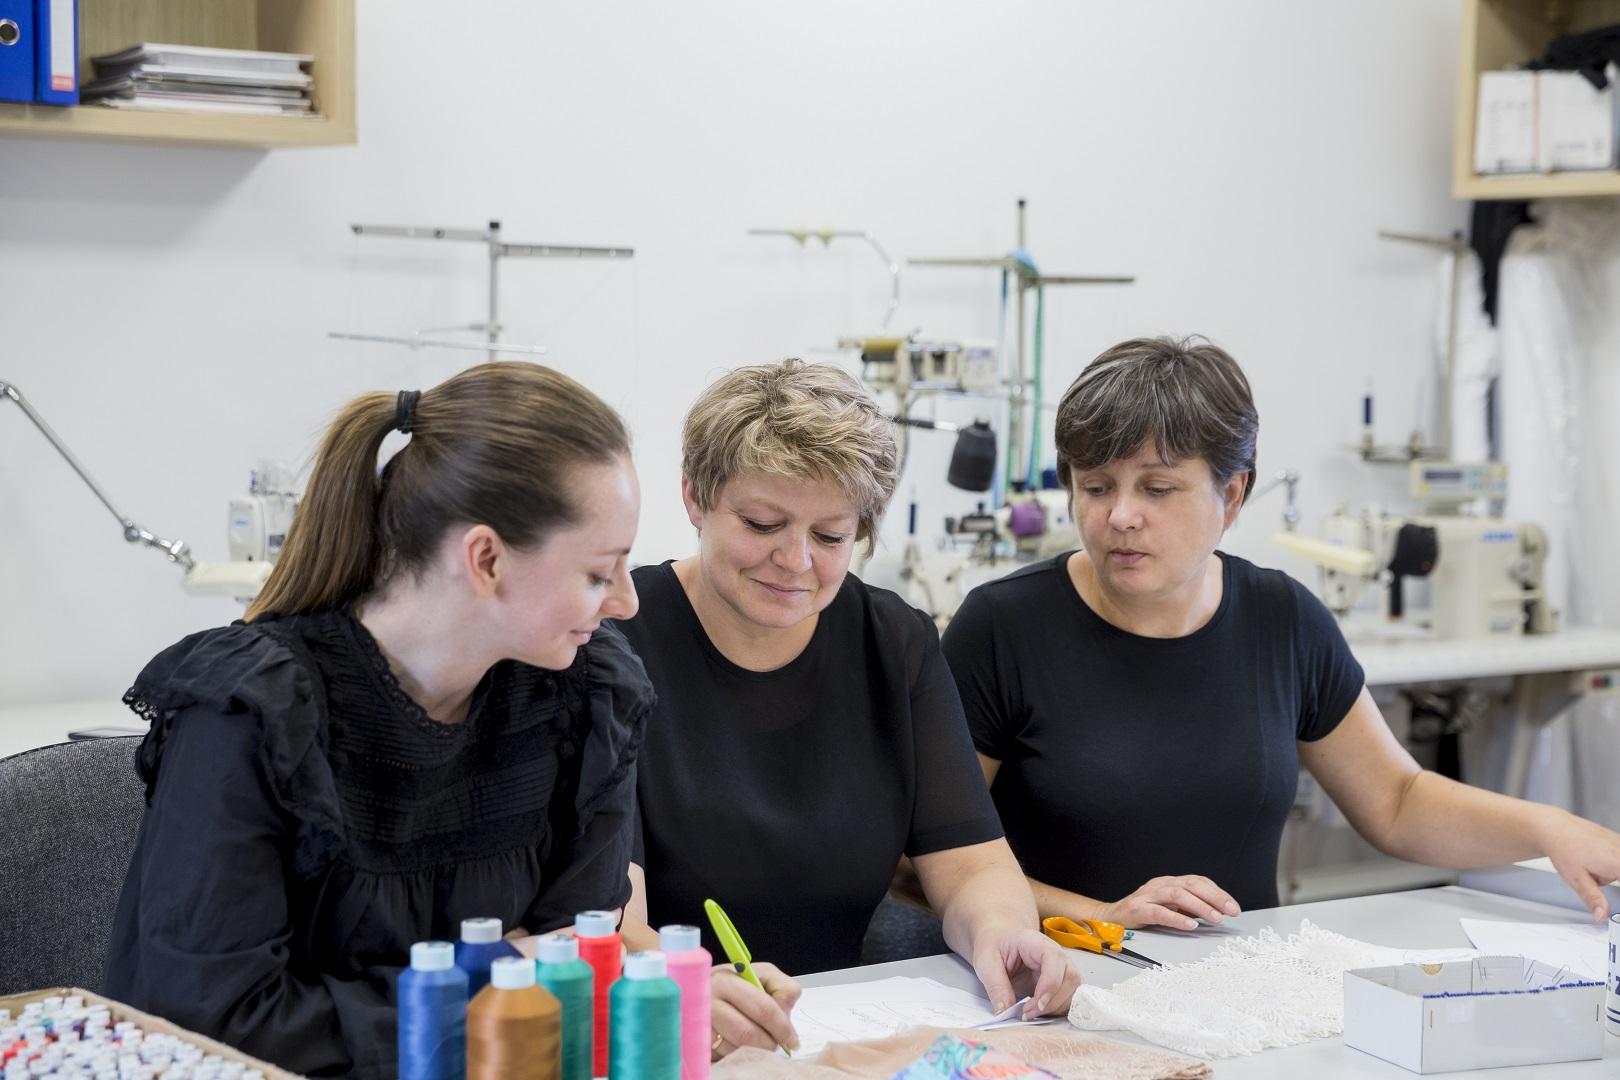 Nasza projektantka, Maja Madej, konsultuje nowe rozwiązania ze specjalistkami od brafittingu i konstrukcji bielizny.